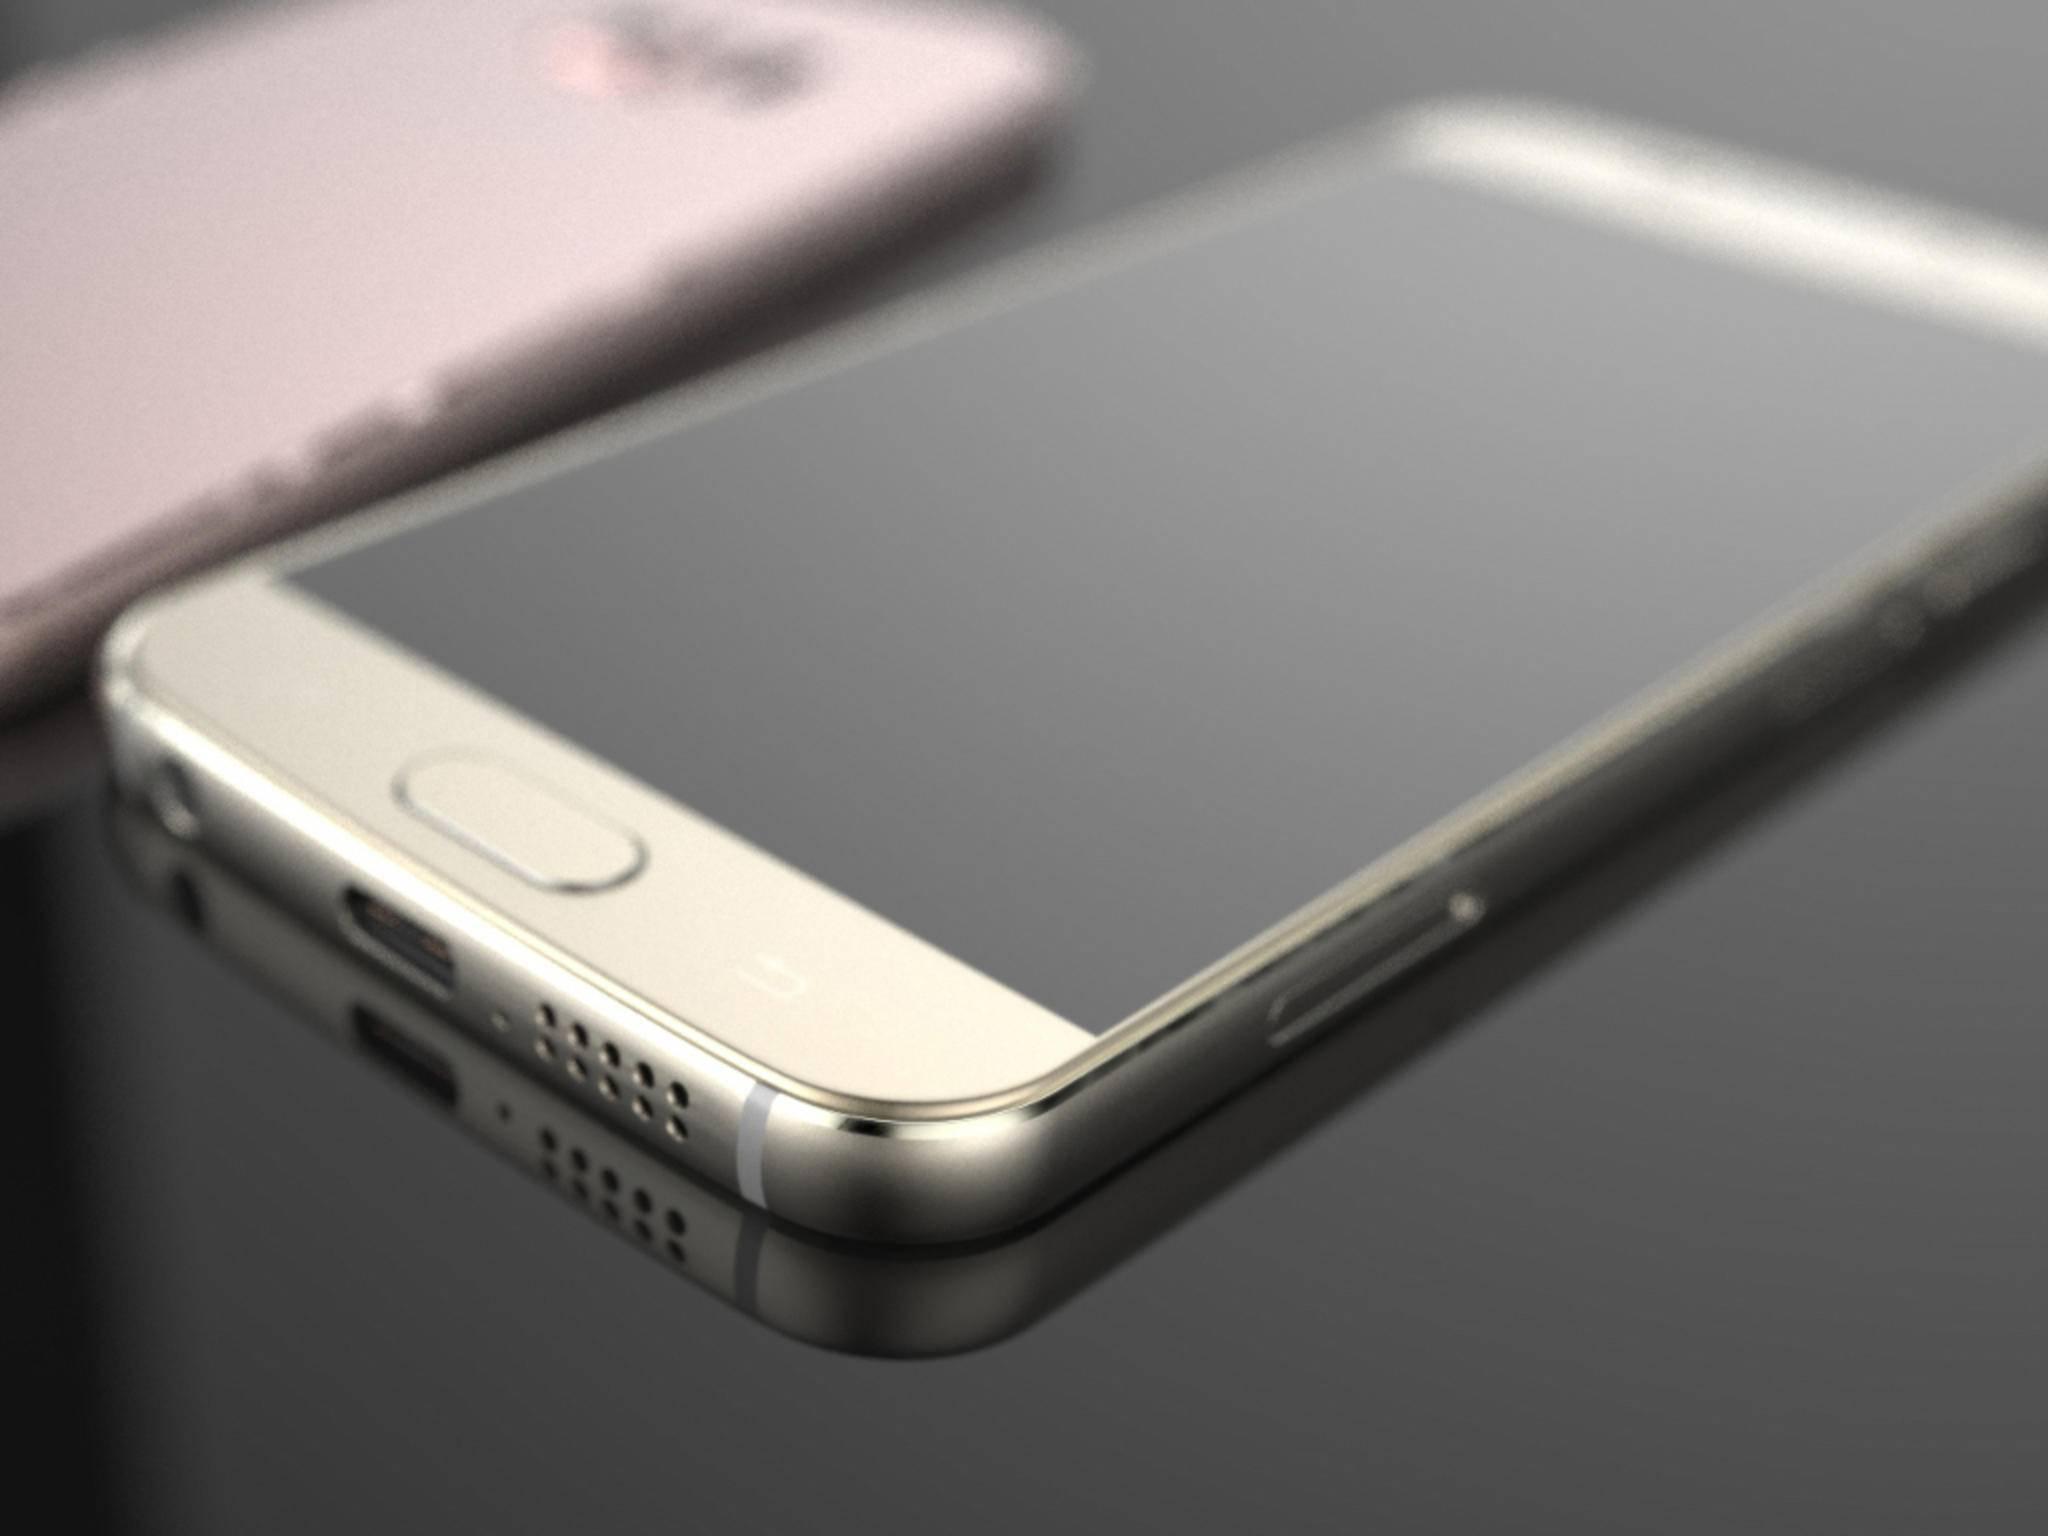 Vom Galaxy S7 gibt es bislang nur Konzepte.